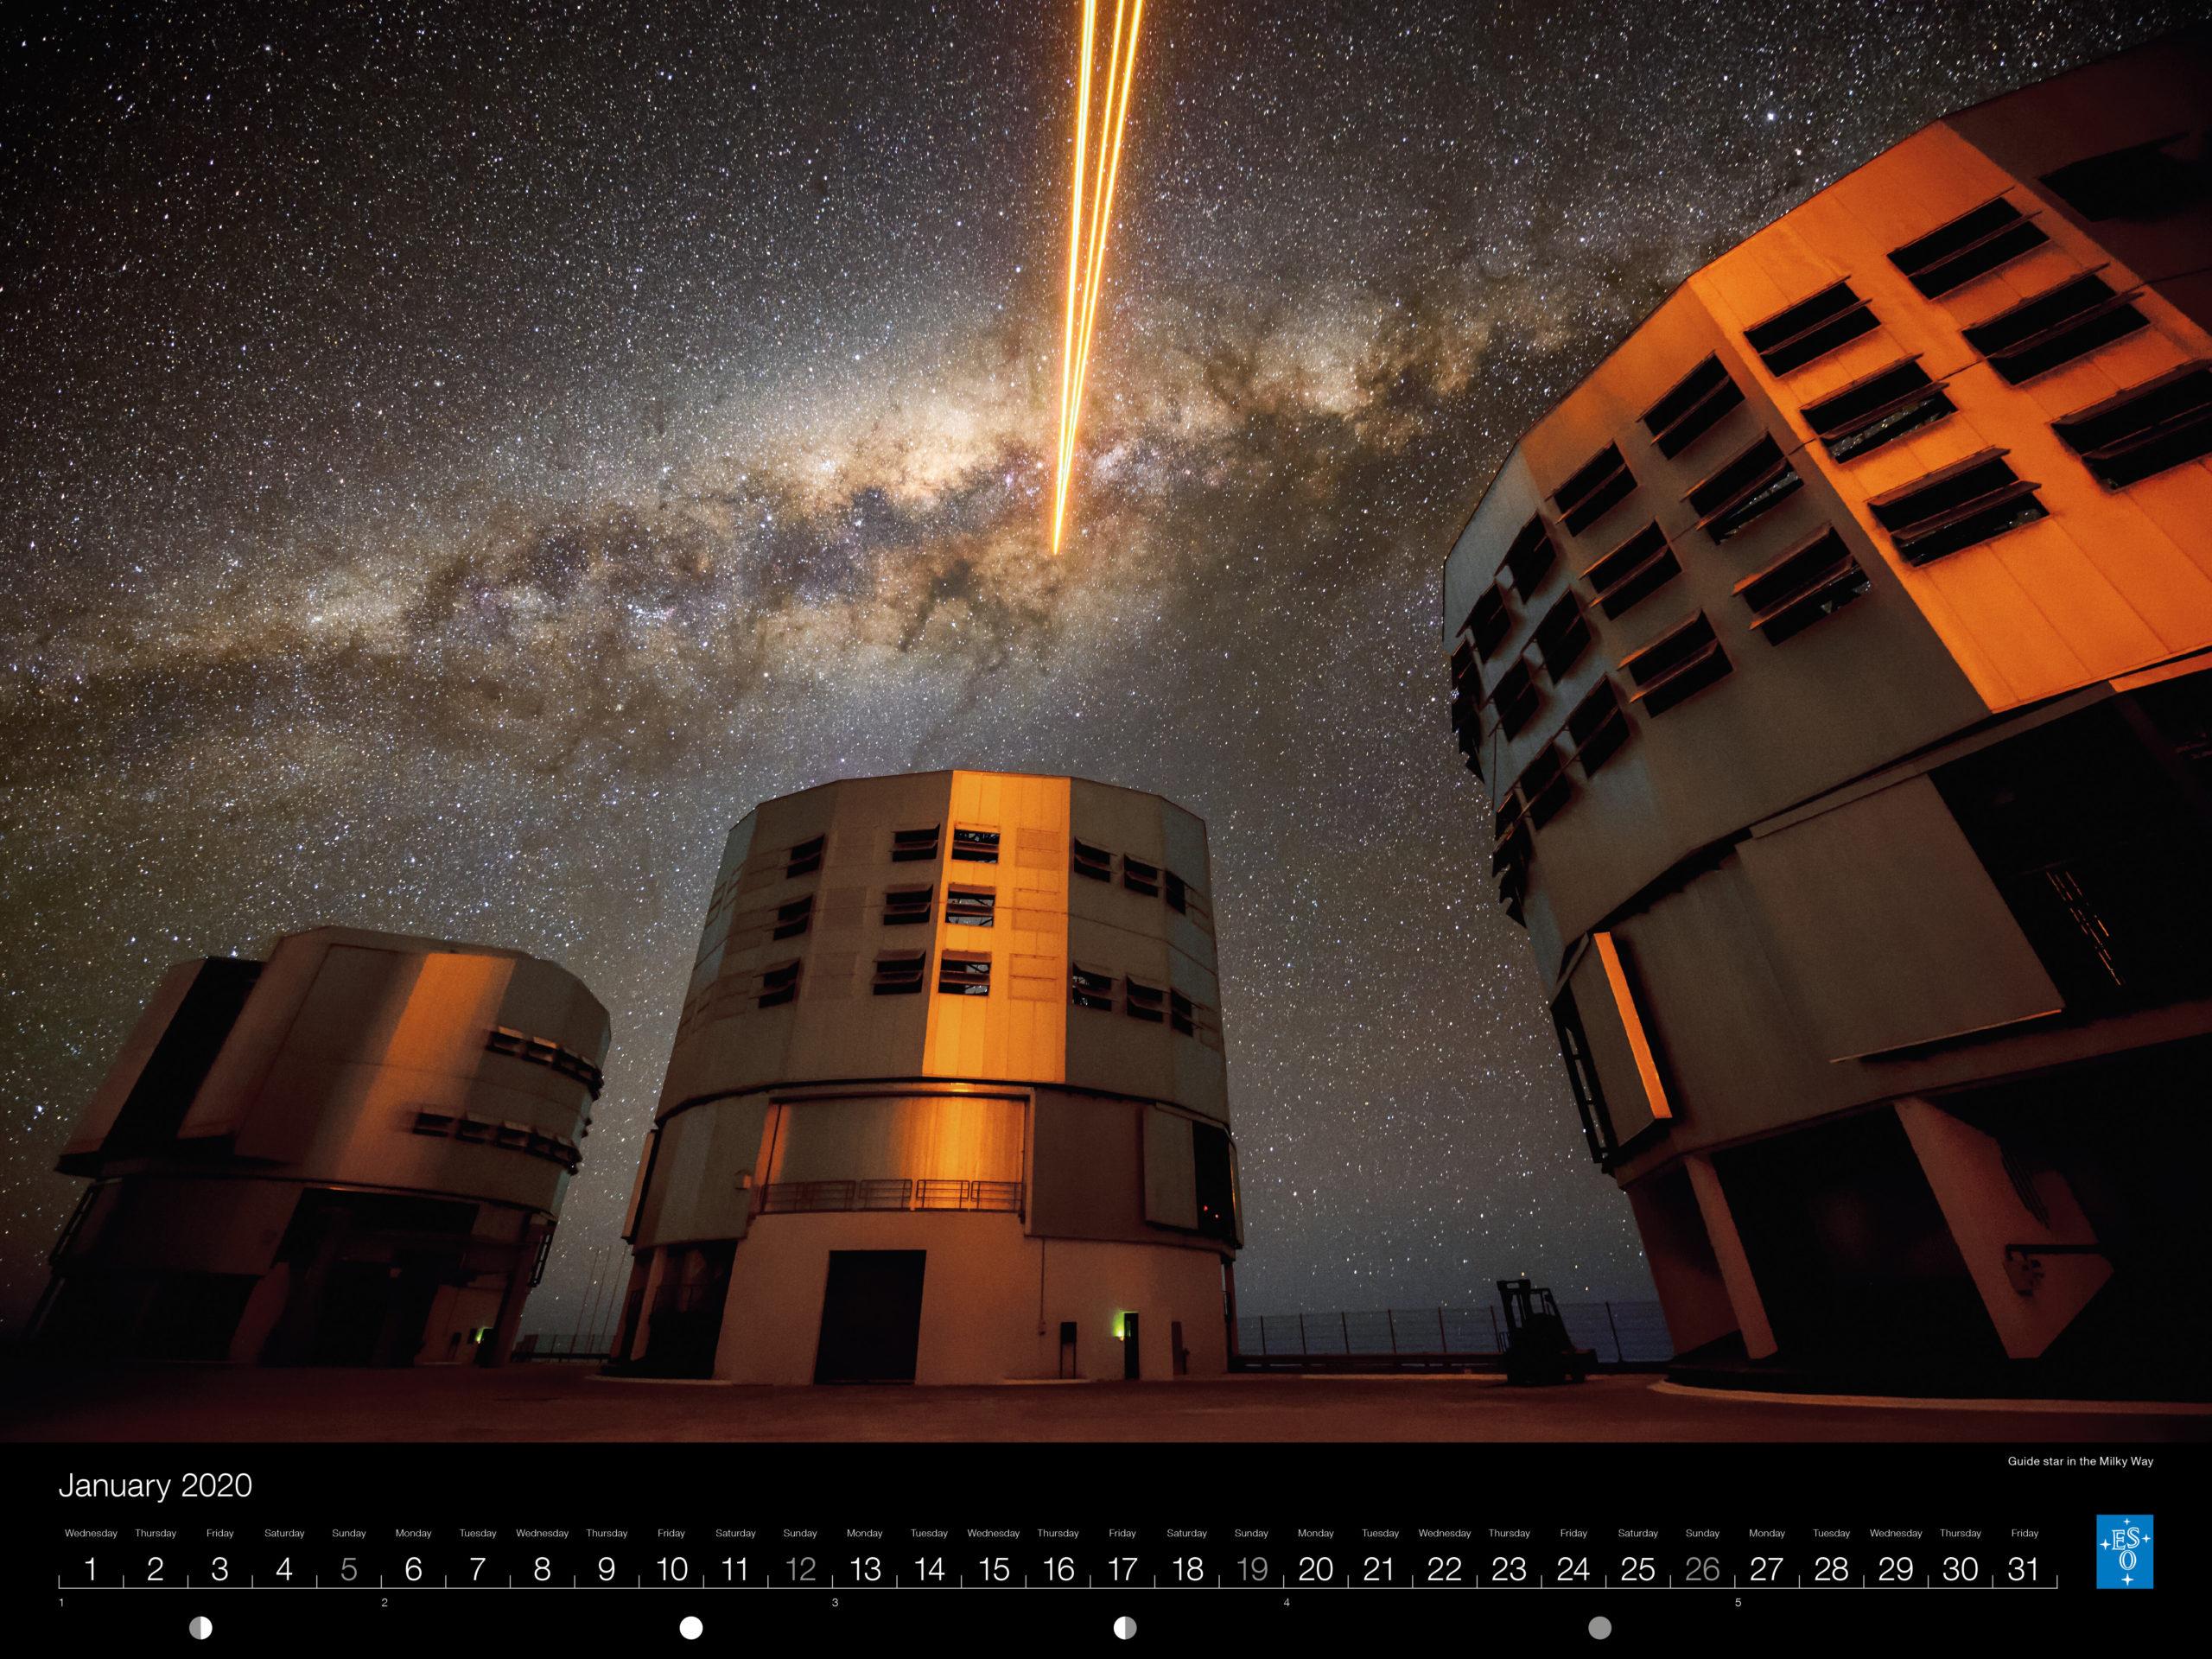 Calendário ESO 2020: Janeiro.